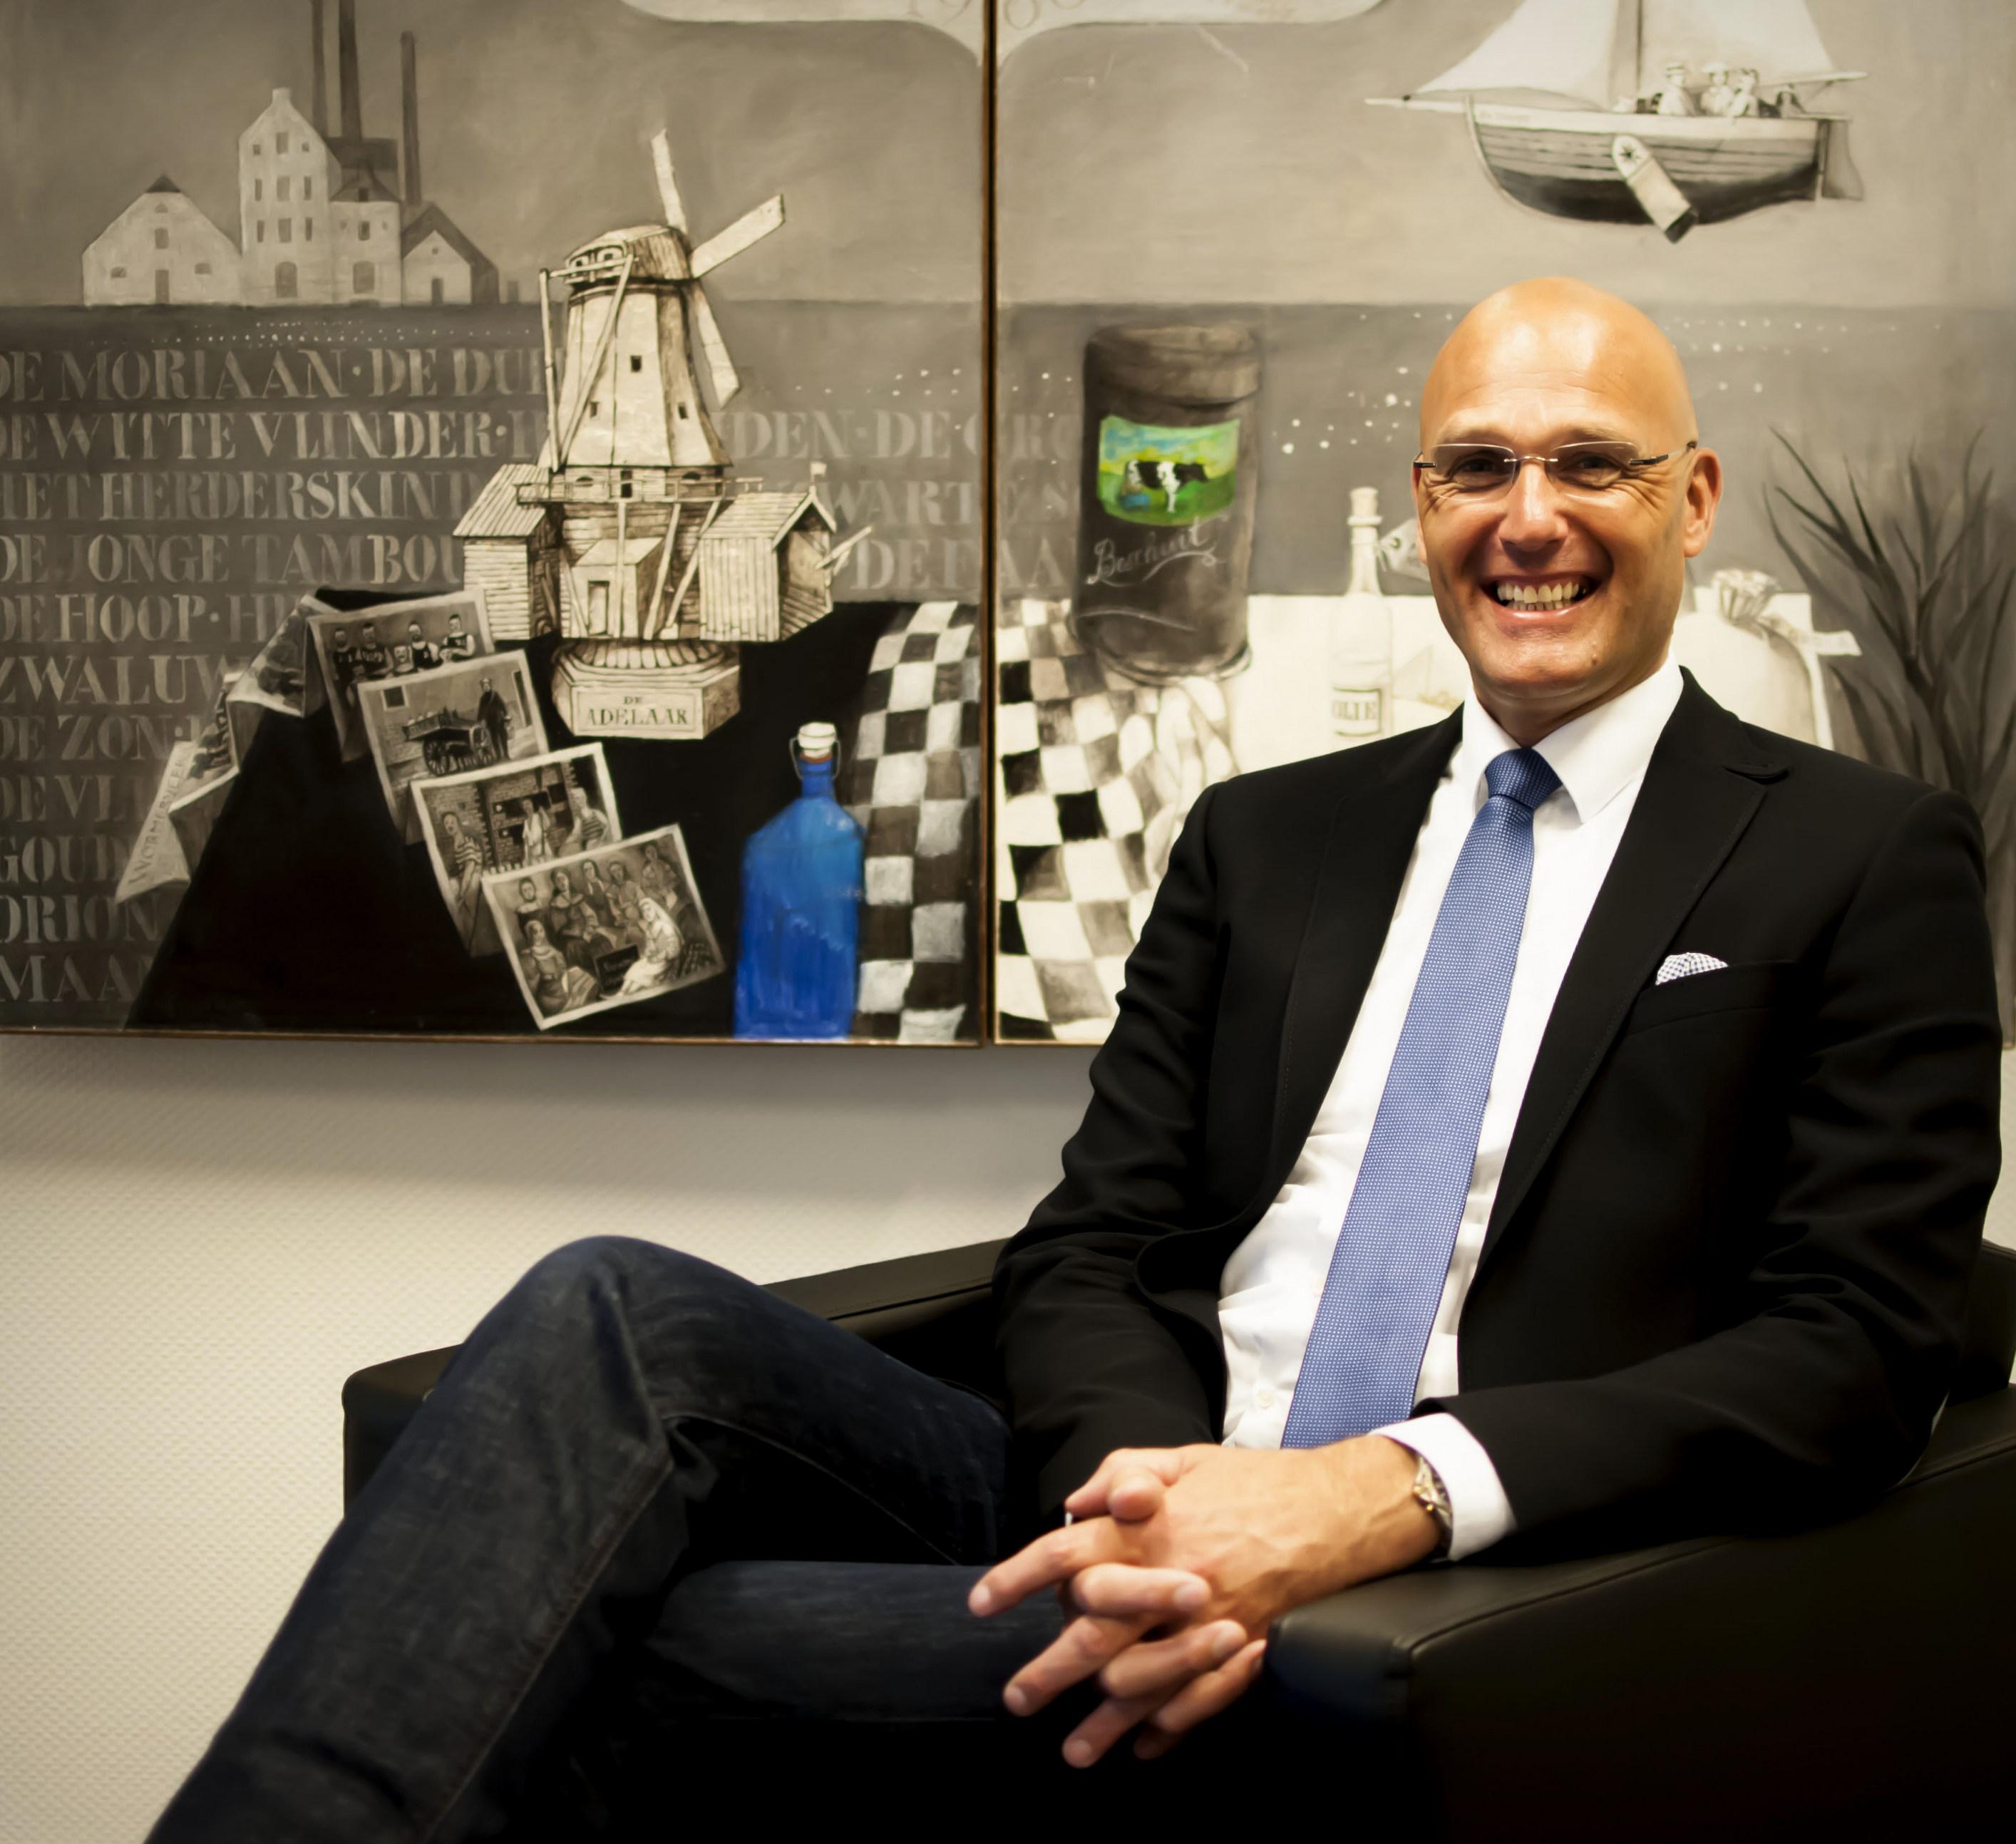 Dick-Dekker-voorzitter-van-de-Bedrijvenvereniging-Noorderveld-Molletjesveer-over-Saenz